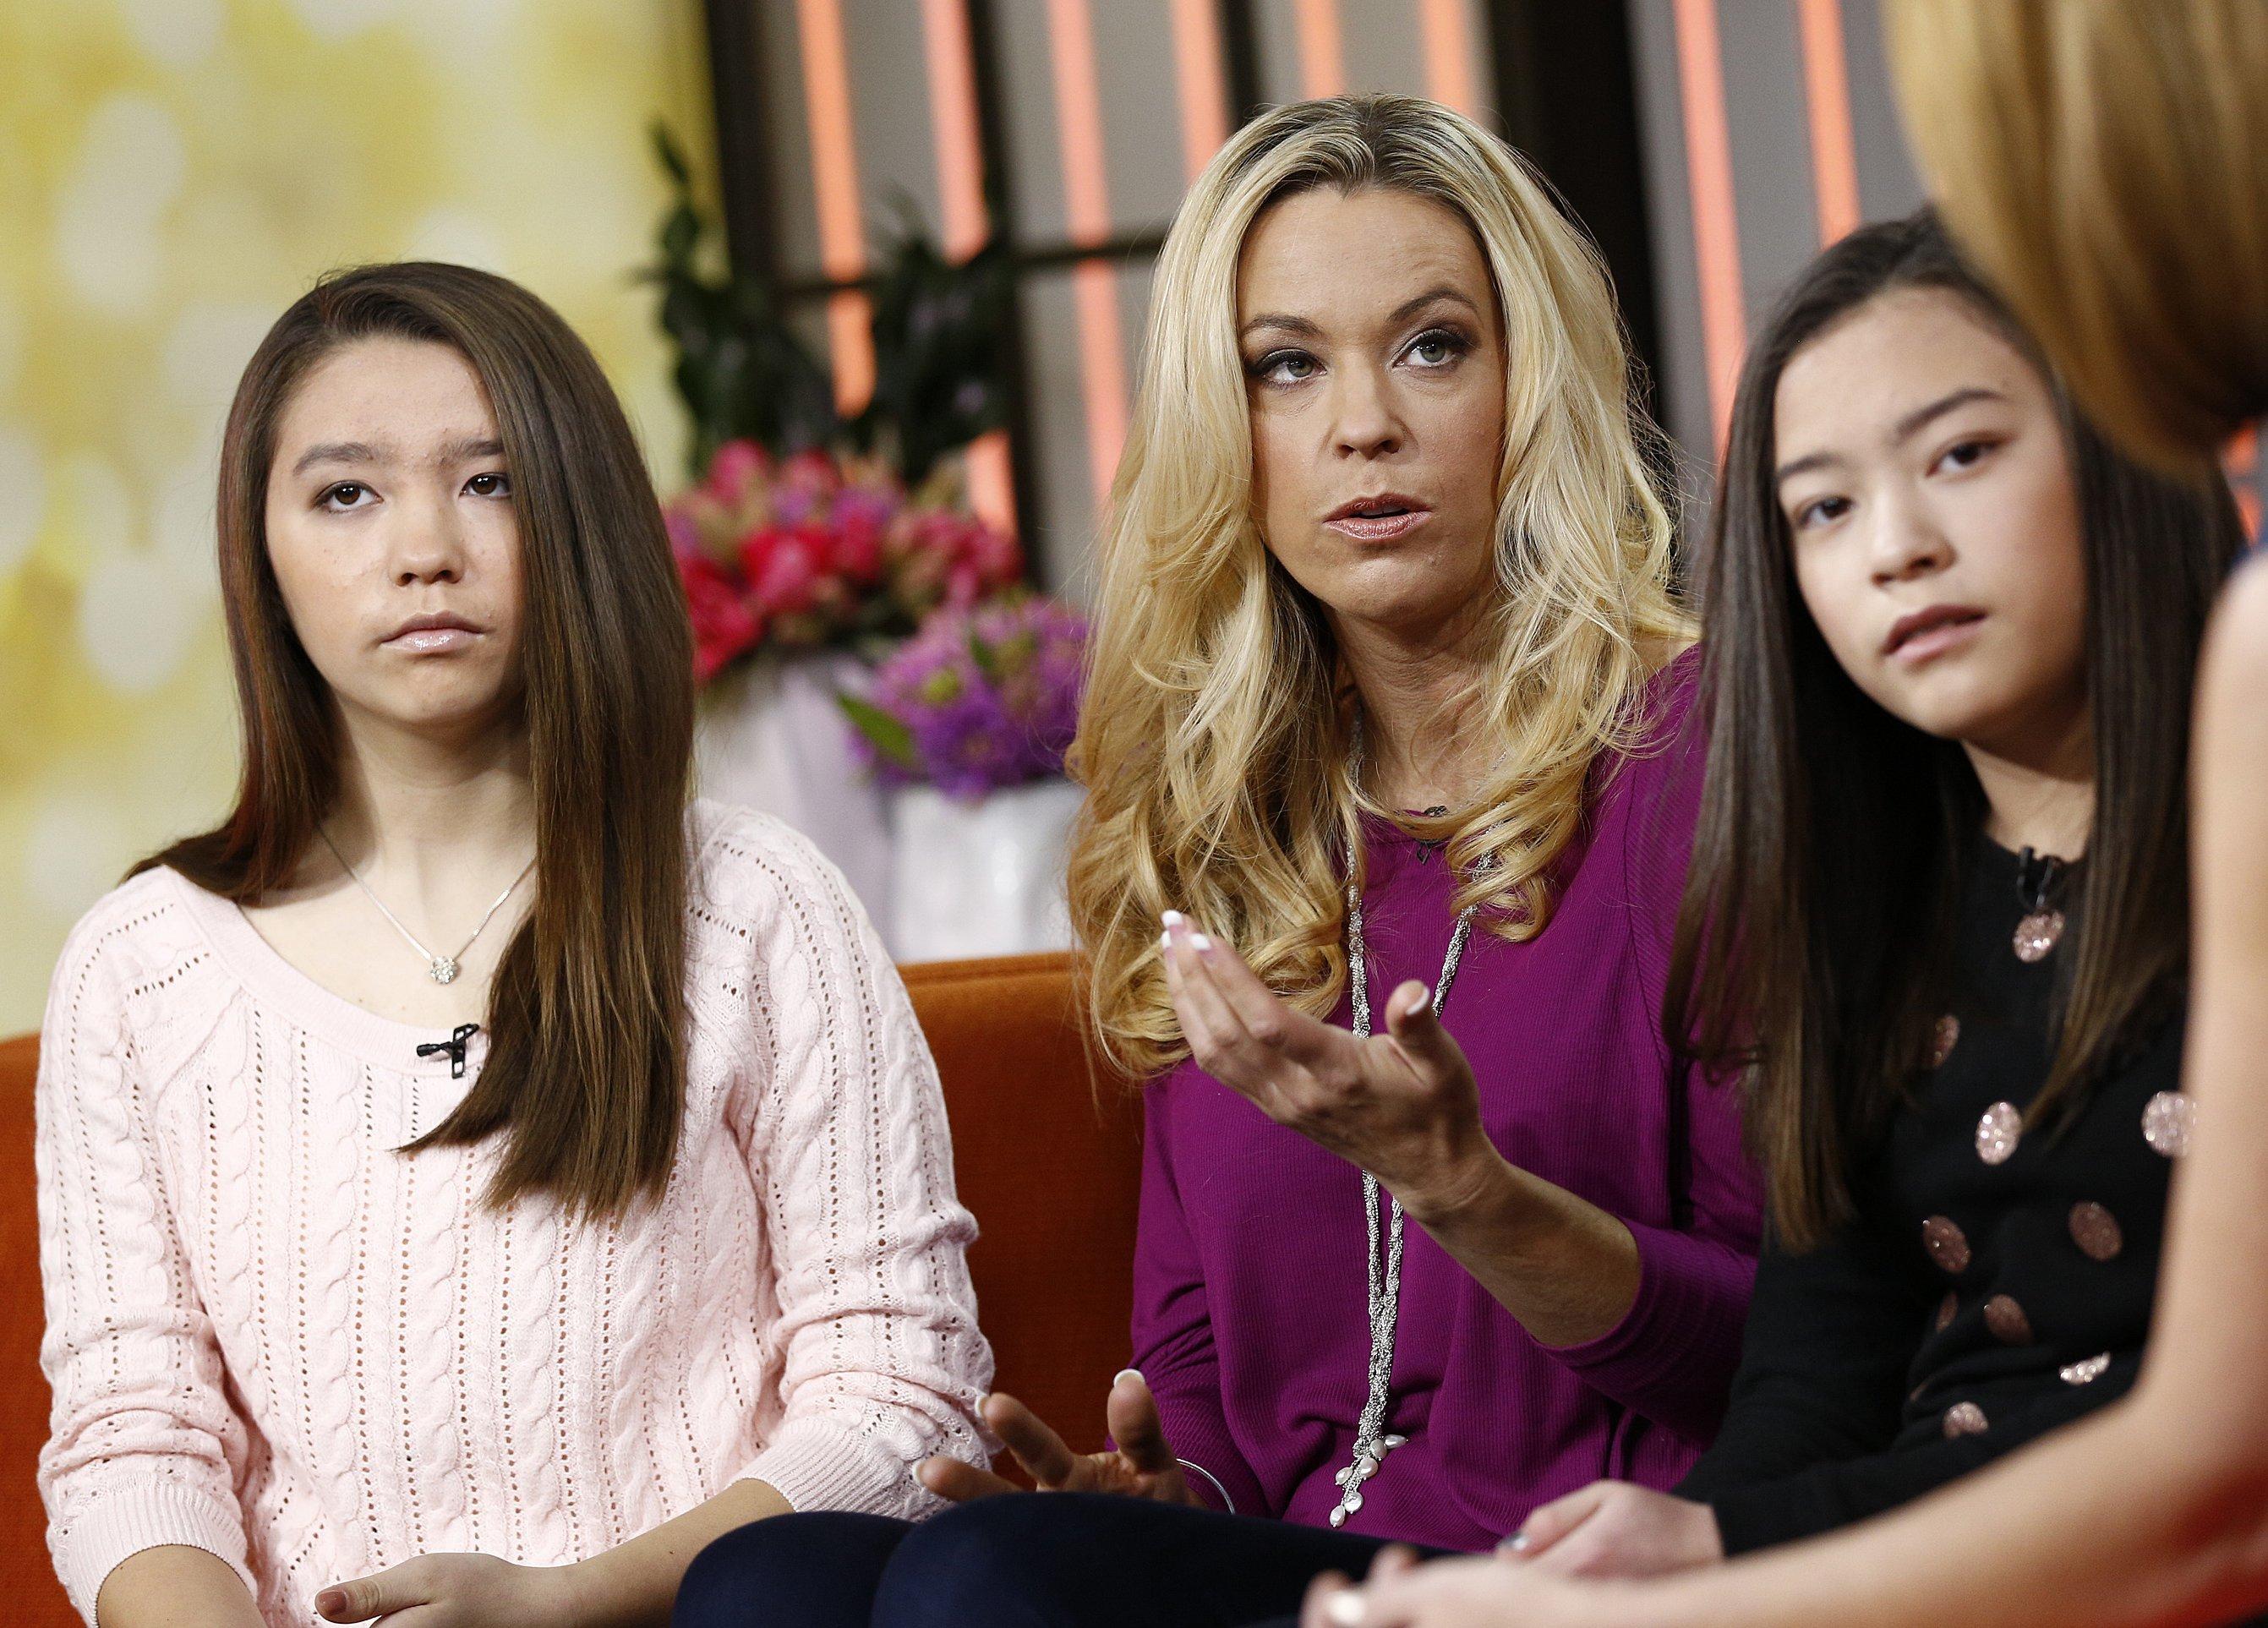 Cara Gosselin, Kate Gosselin and Mady Gosselin